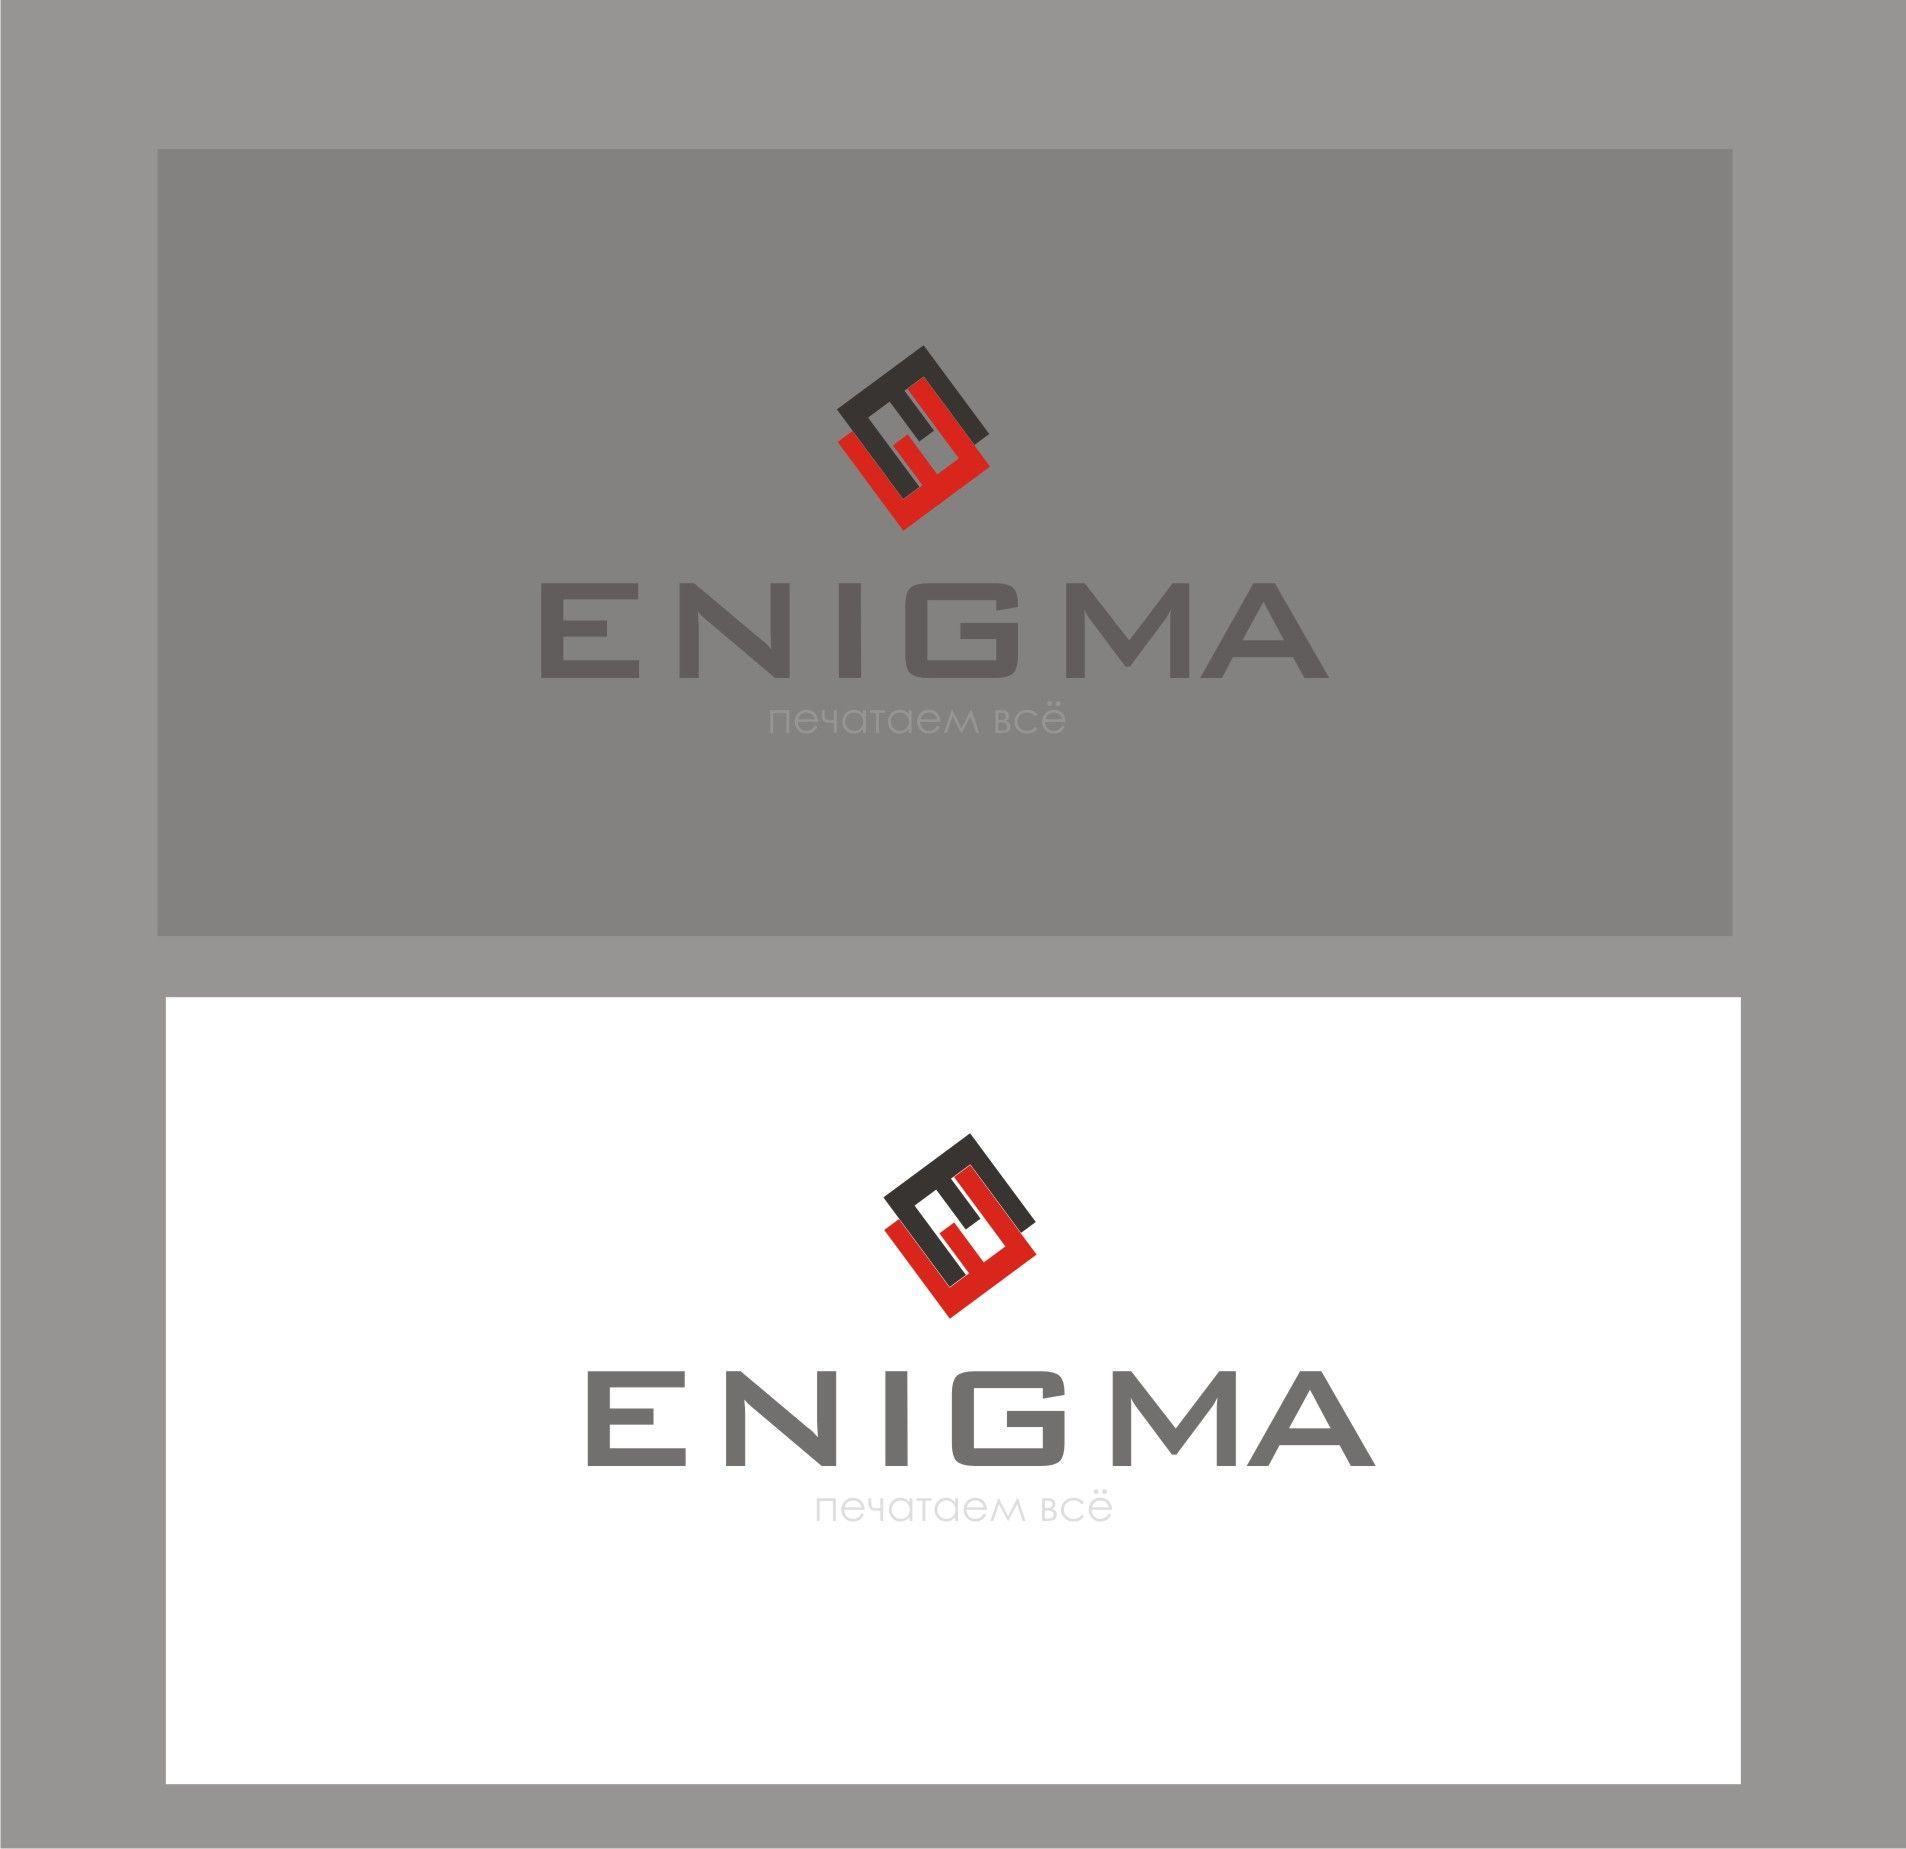 Логотип и фирмстиль для Enigma - дизайнер dbyjuhfl